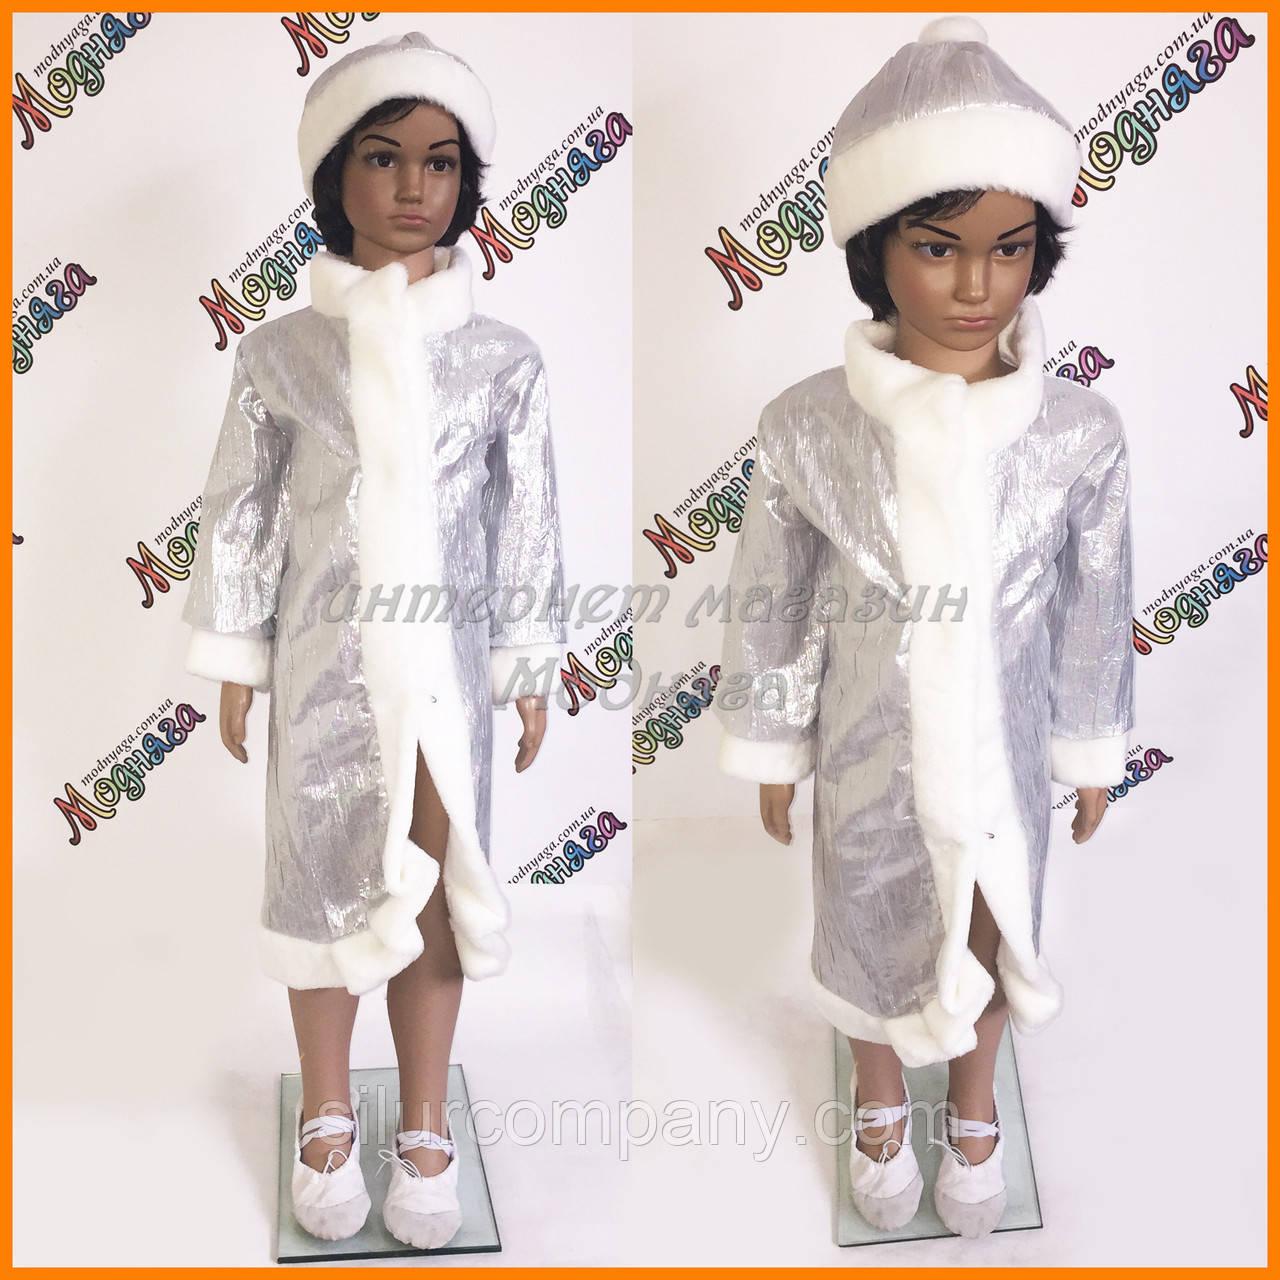 Карнавальный костюм снегурочка для девочек: продажа, цена ... - photo#50